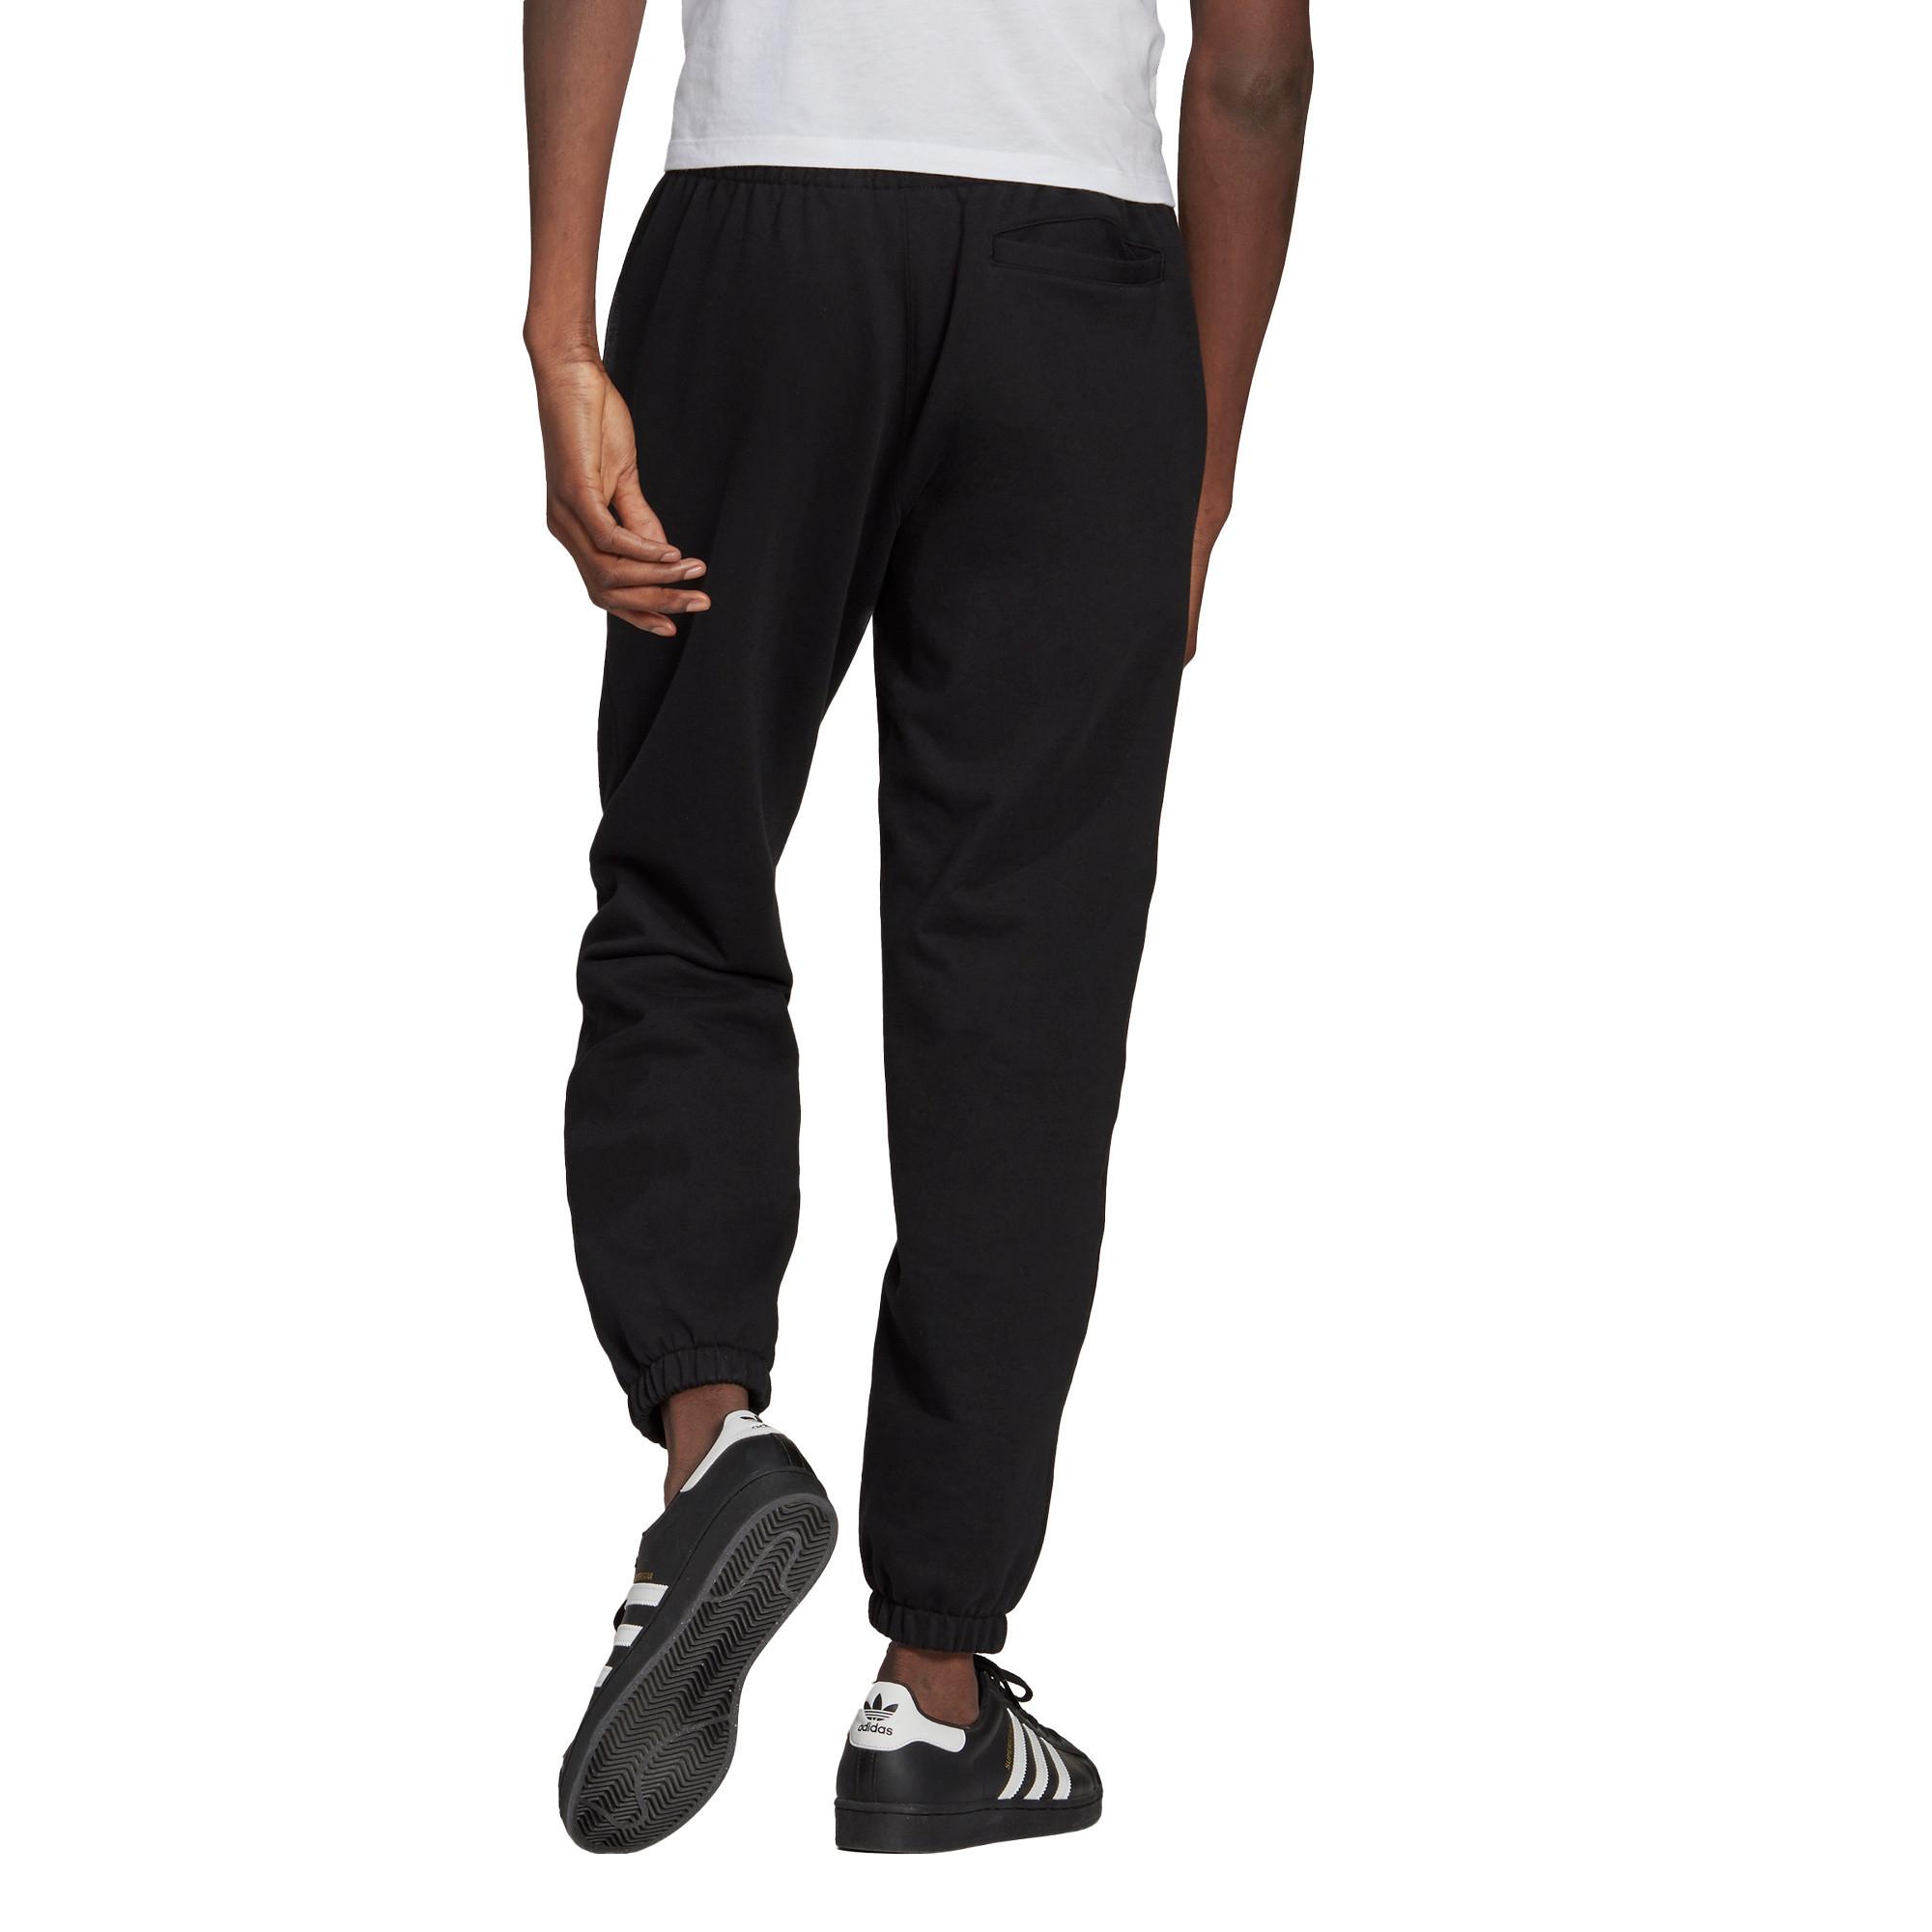 Pantaloni tuta adicolor Premium, Nero, large image number 1